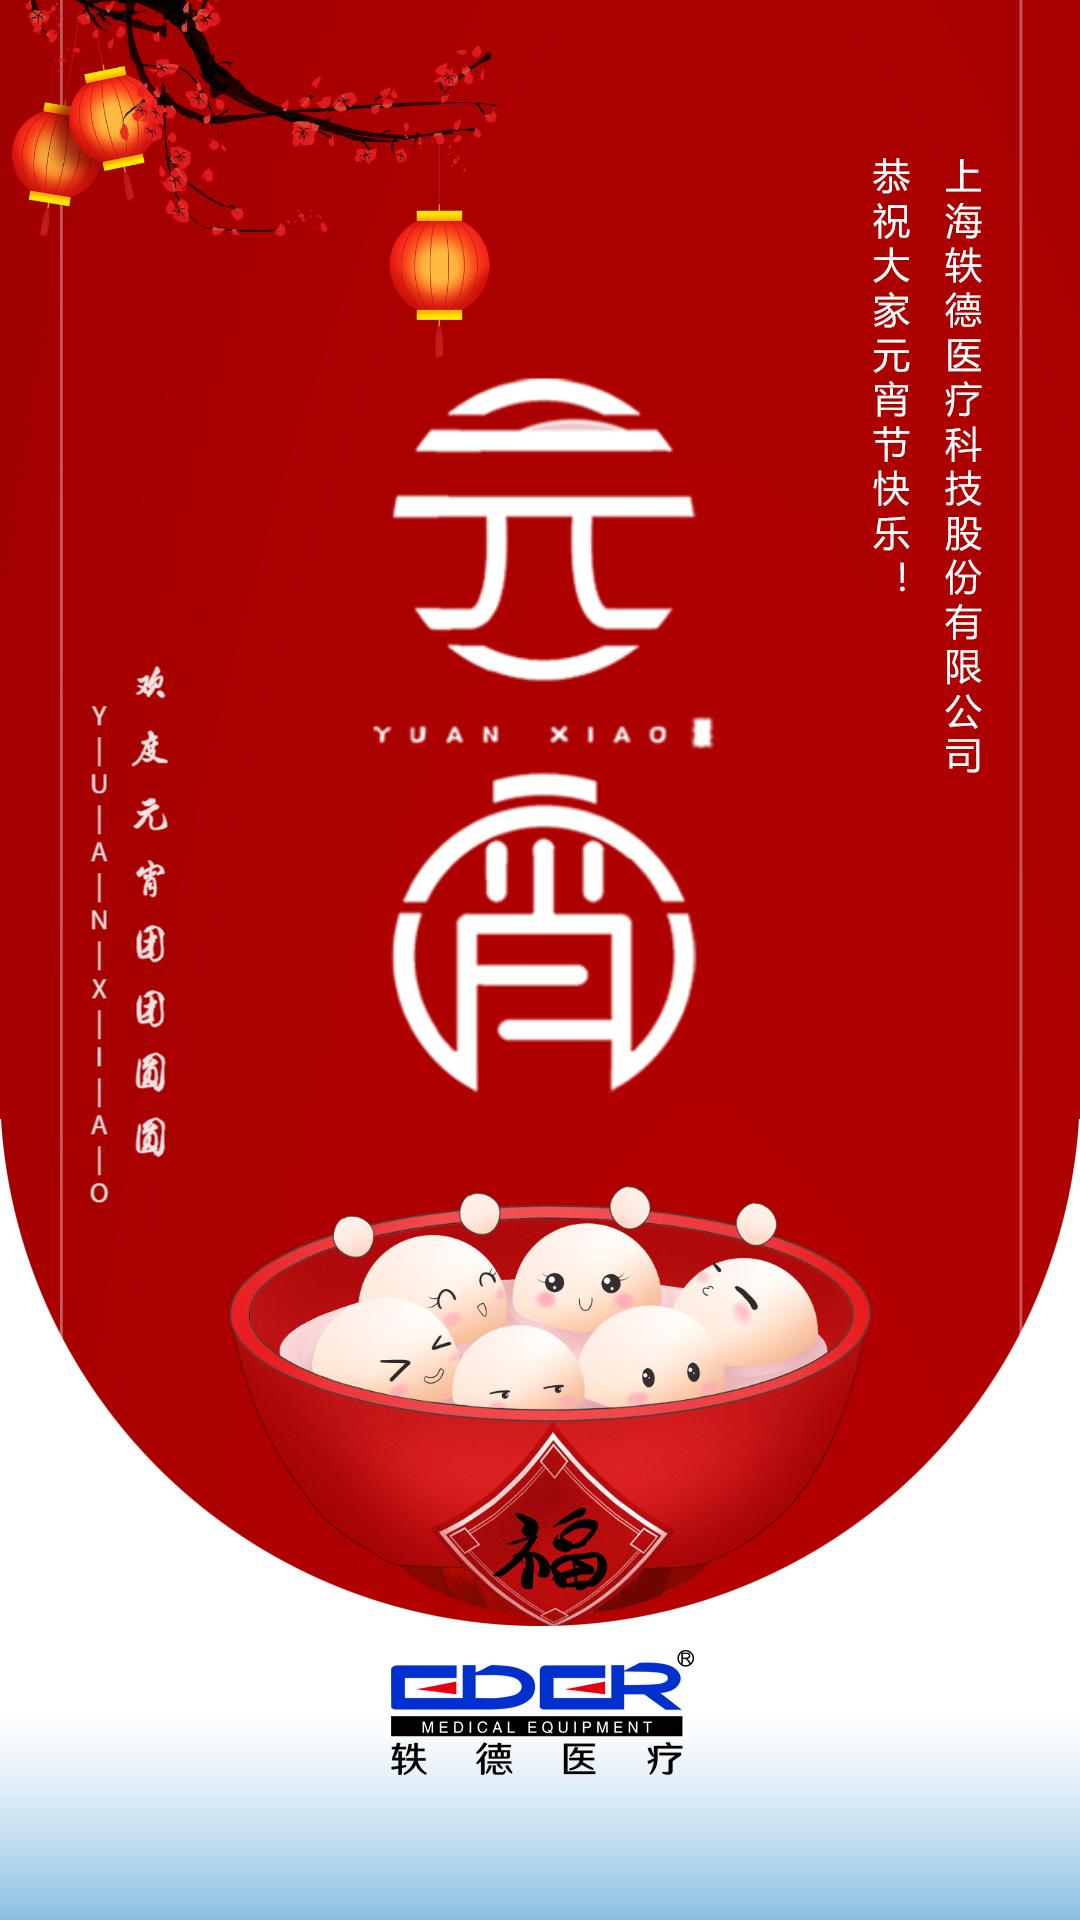 上海轶德医疗科技股份有限公司 恭祝大家元宵节快乐!